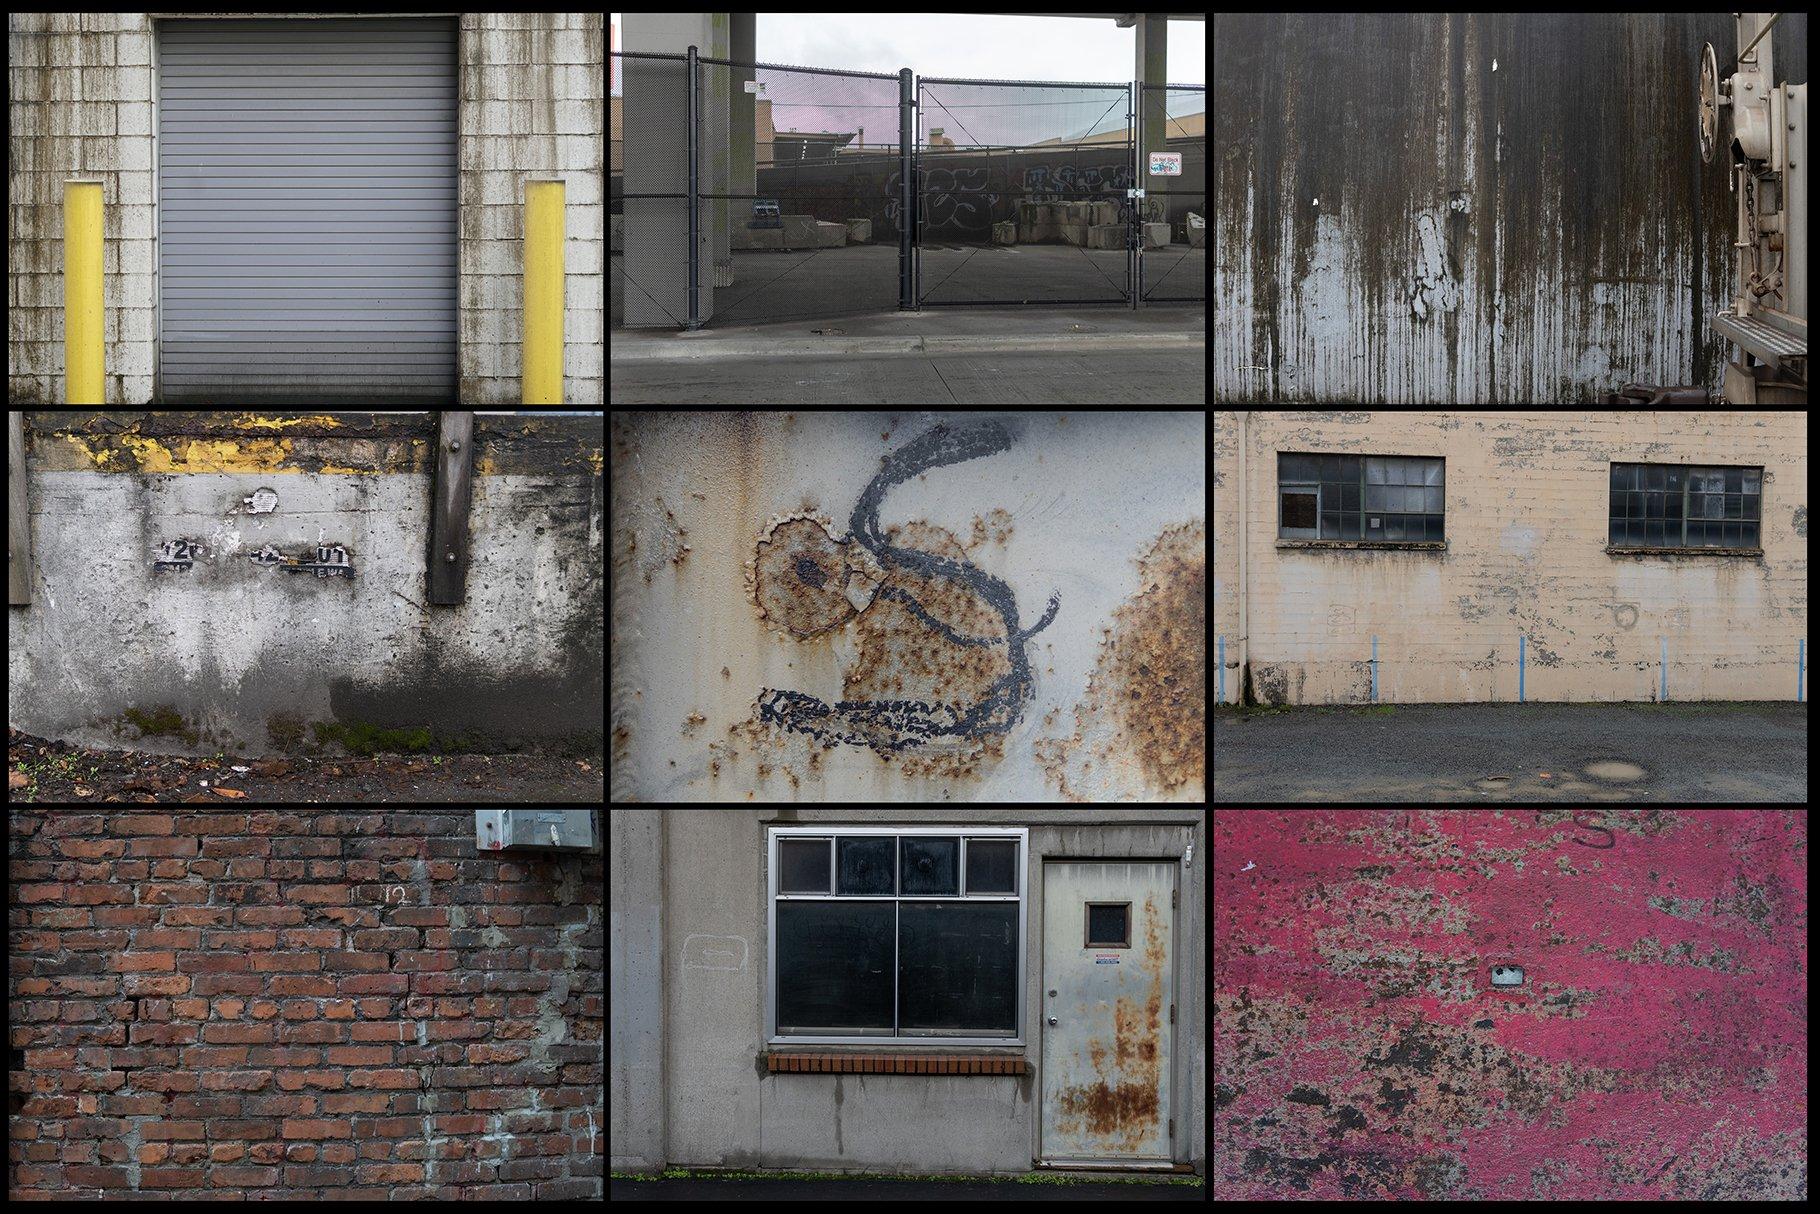 280多款高清锈迹划痕破裂污渍混凝土城市摄影图片背景素材 280 Urban Textures插图(3)